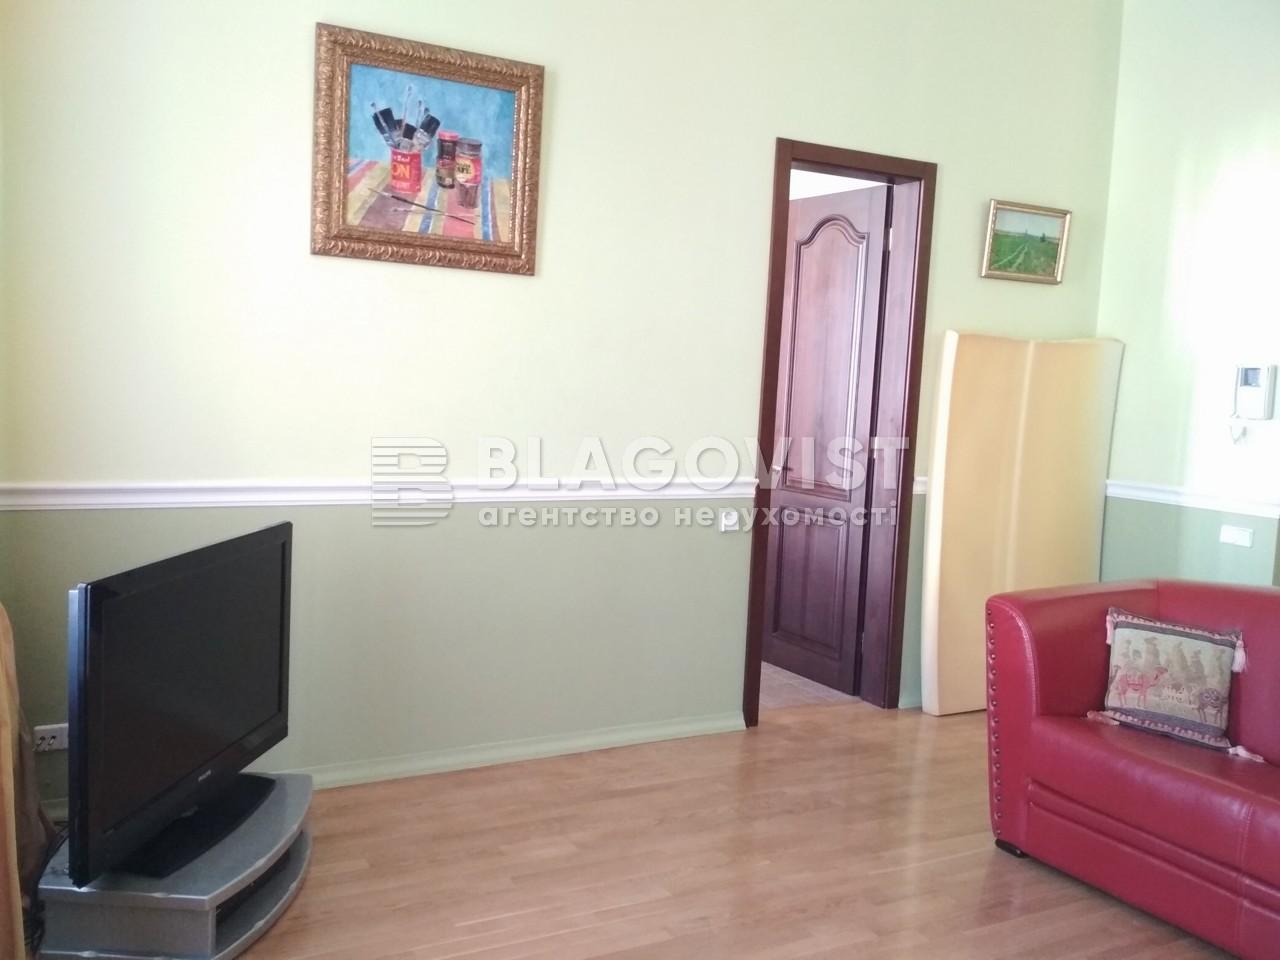 Квартира F-13083, Ярославов Вал, 17б, Киев - Фото 4